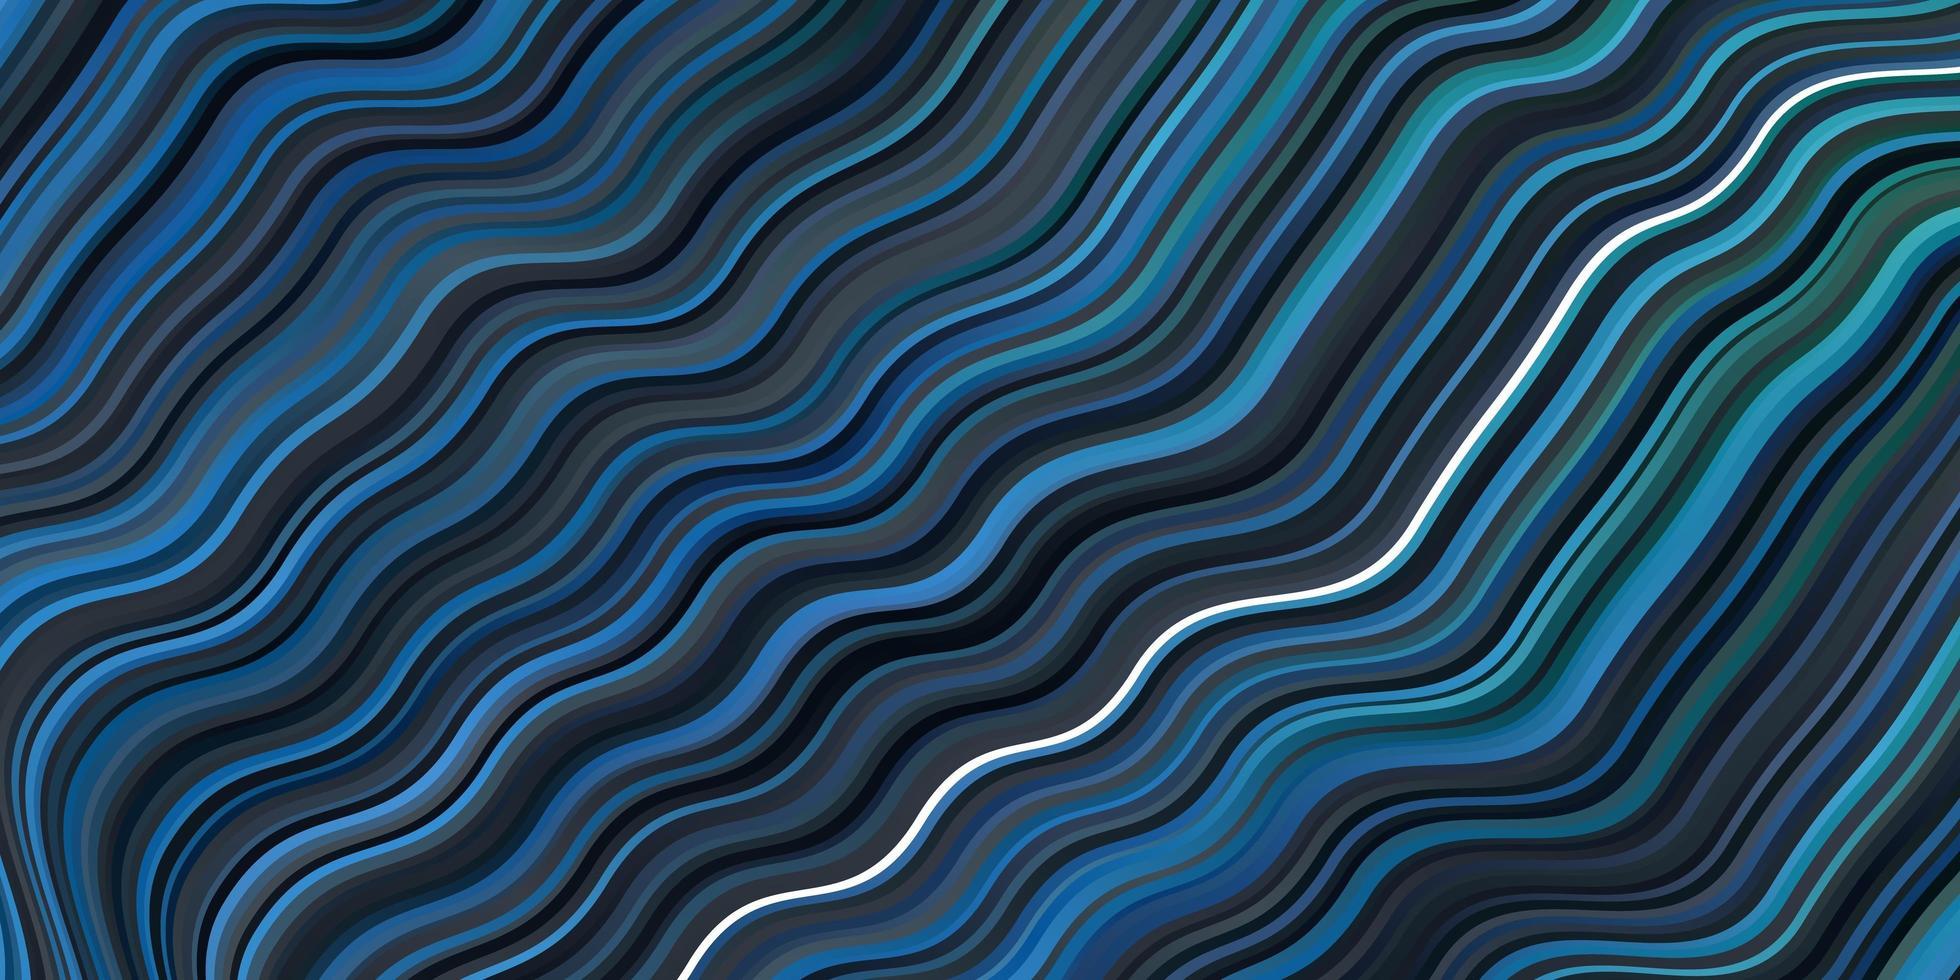 ljusblå, grön vektorbakgrund med böjda linjer. vektor